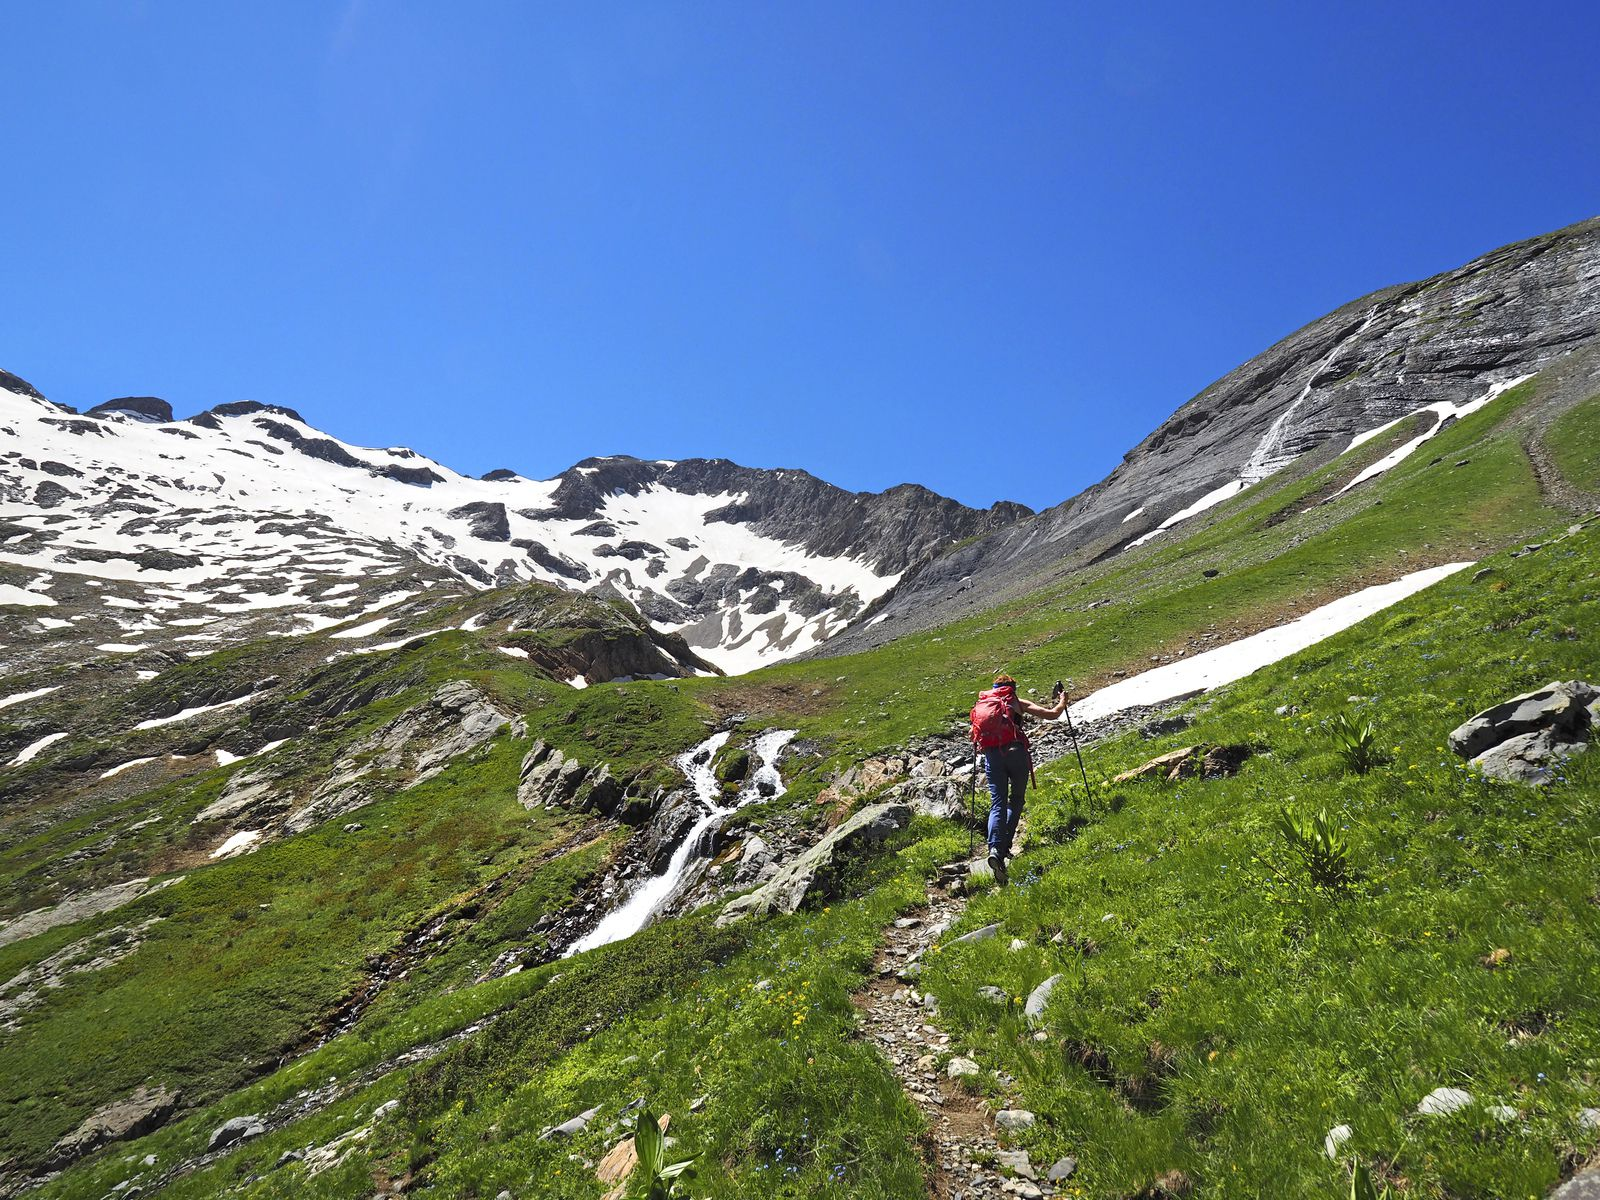 Le refuge se trouve au pied du mamelon à gauche du centre de la photo. On peut lui rendre visite, mais notre itinéraire part ici à droite. À gauche, le Rochail (3022 m).